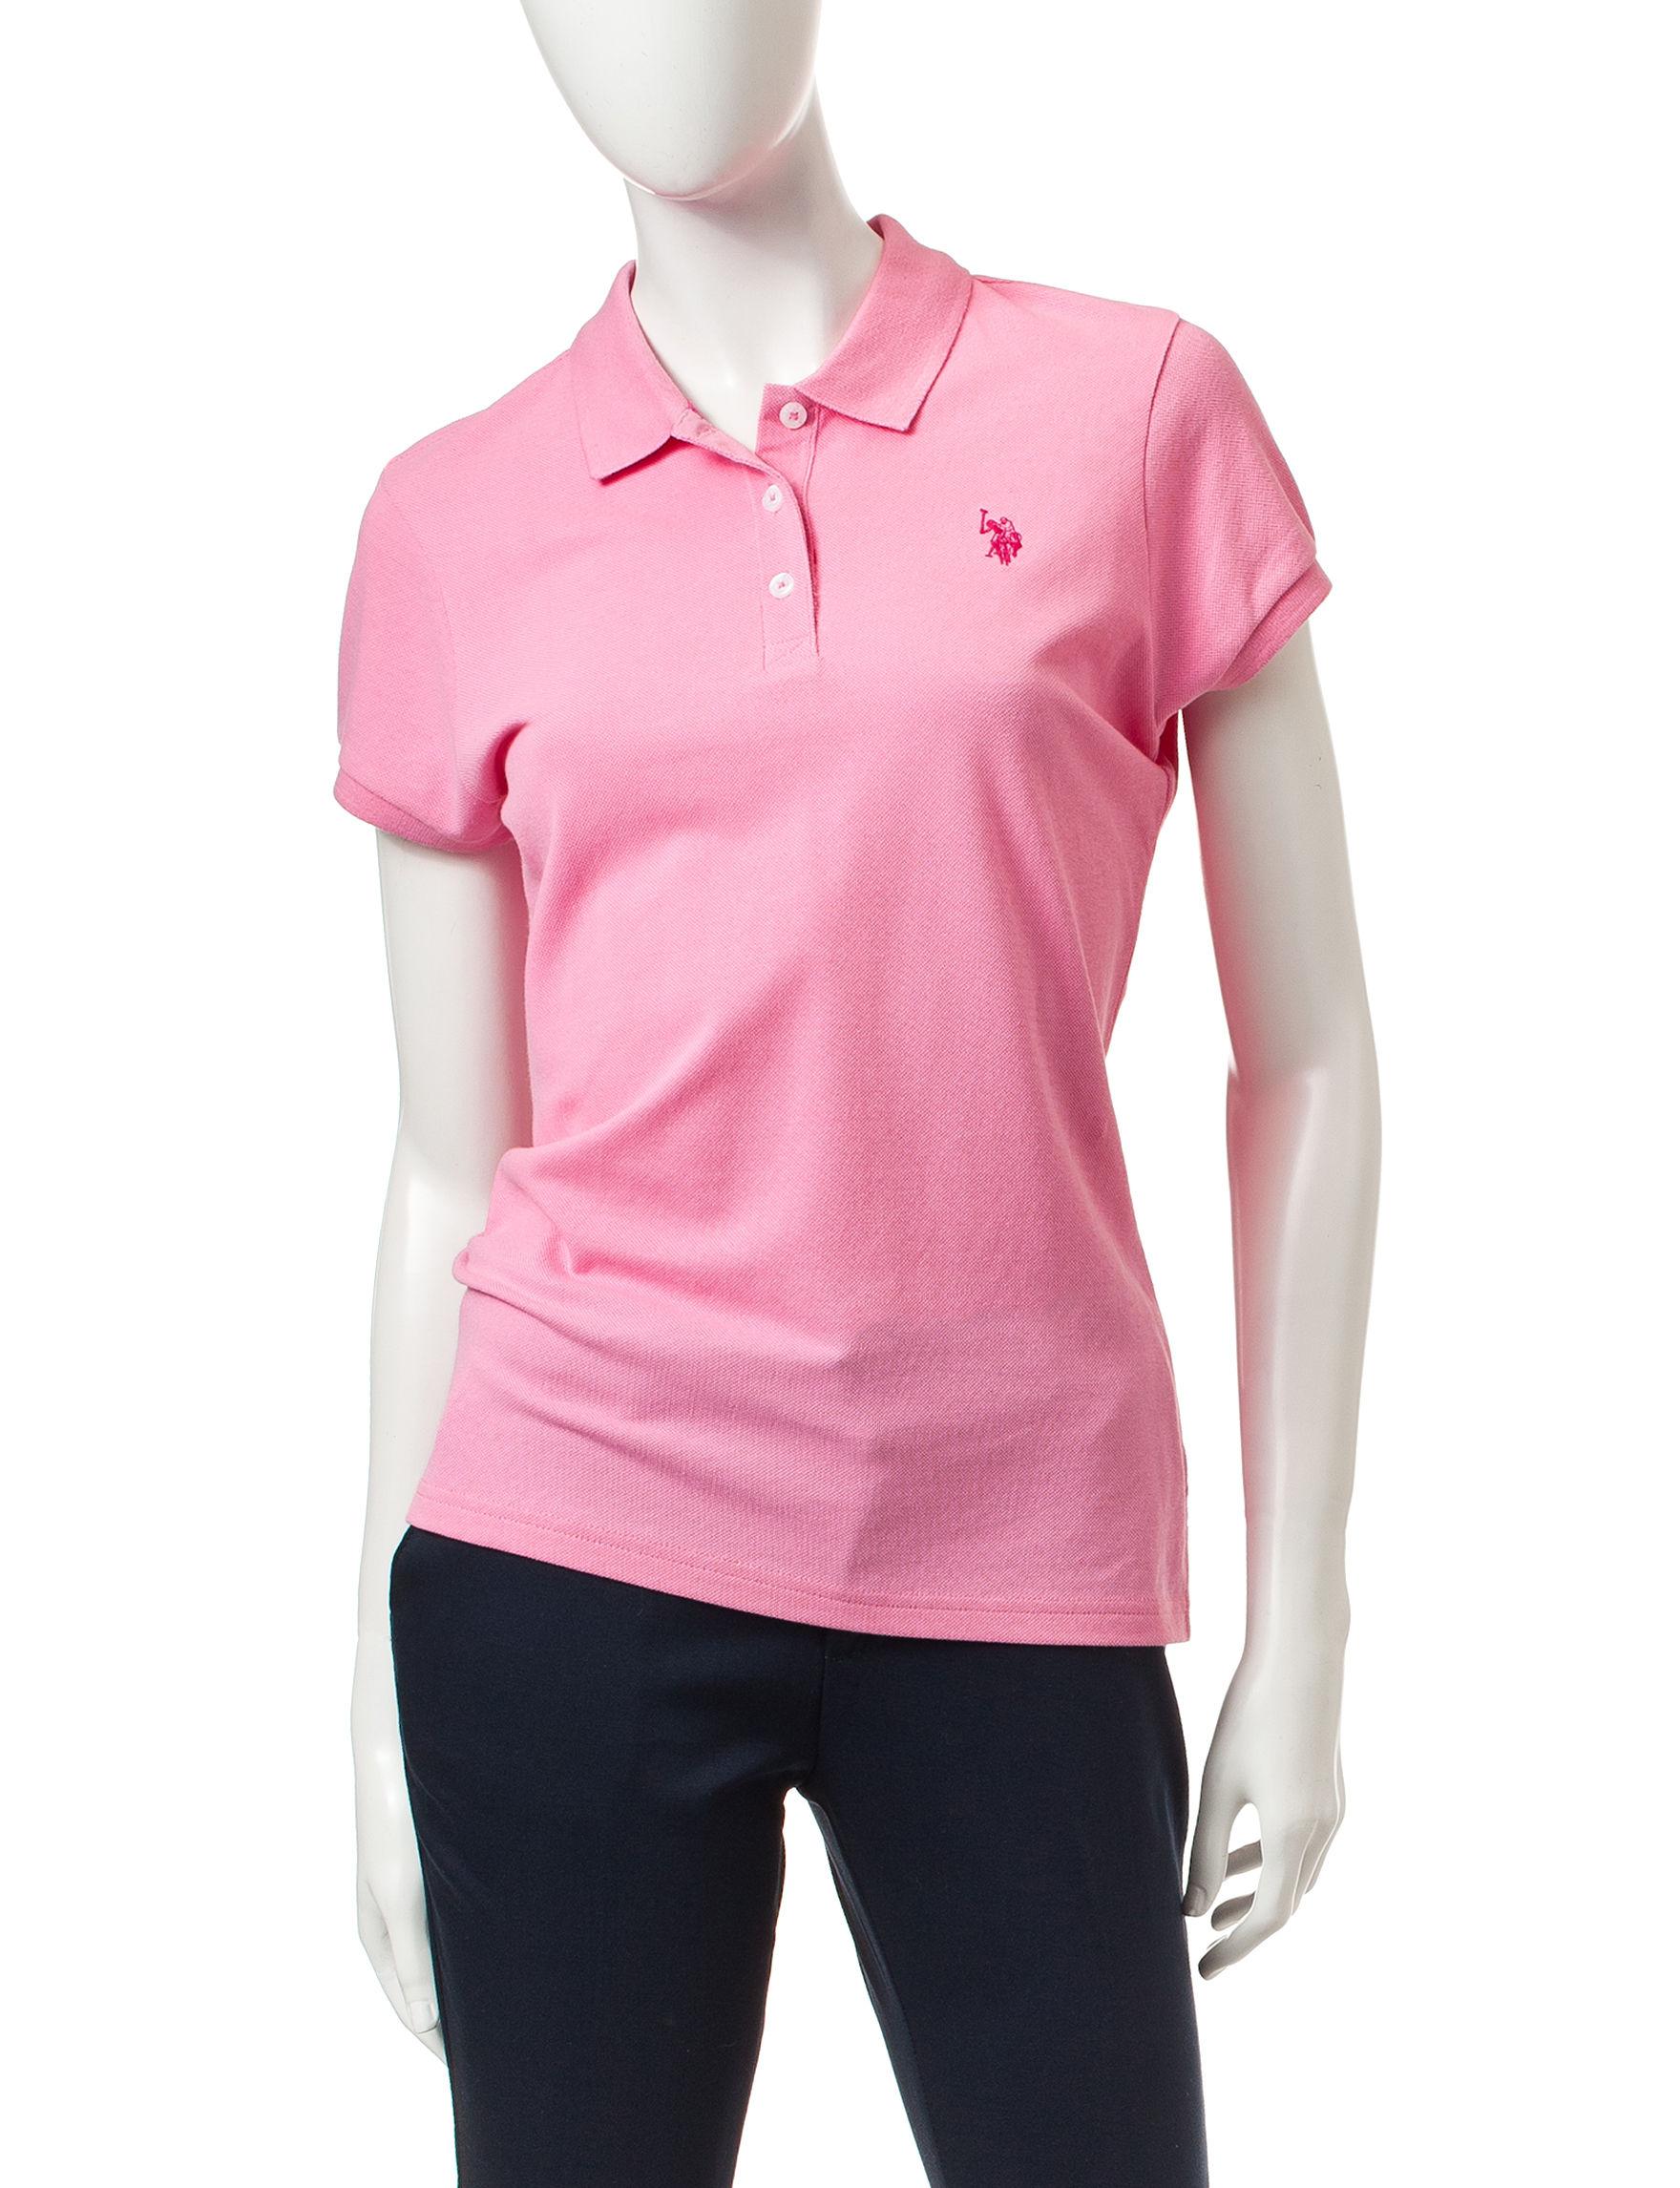 U.S. Polo Assn. Bright Pink Polos